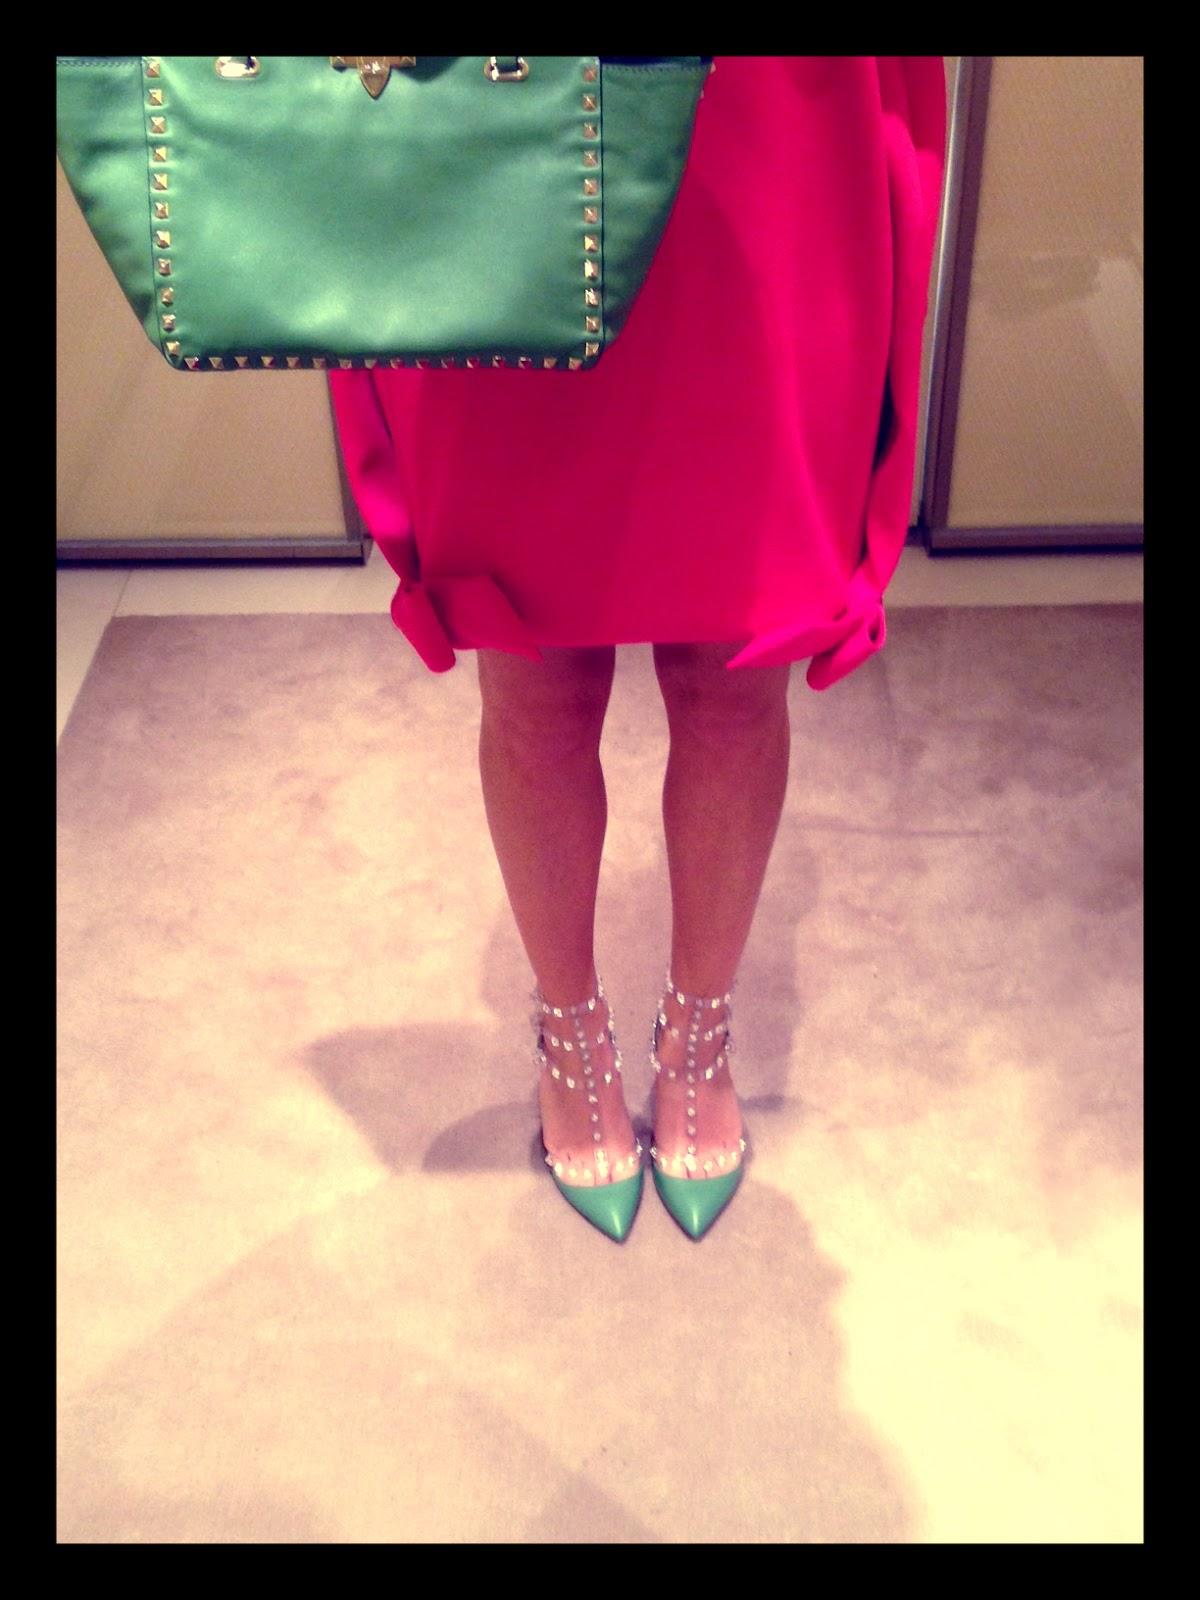 http://1.bp.blogspot.com/-QeMLcVXPqKE/UVusu8Ez6tI/AAAAAAAAF60/mYSj2RNEV14/s1600/studded+green+valentino+heels+2013.jpg